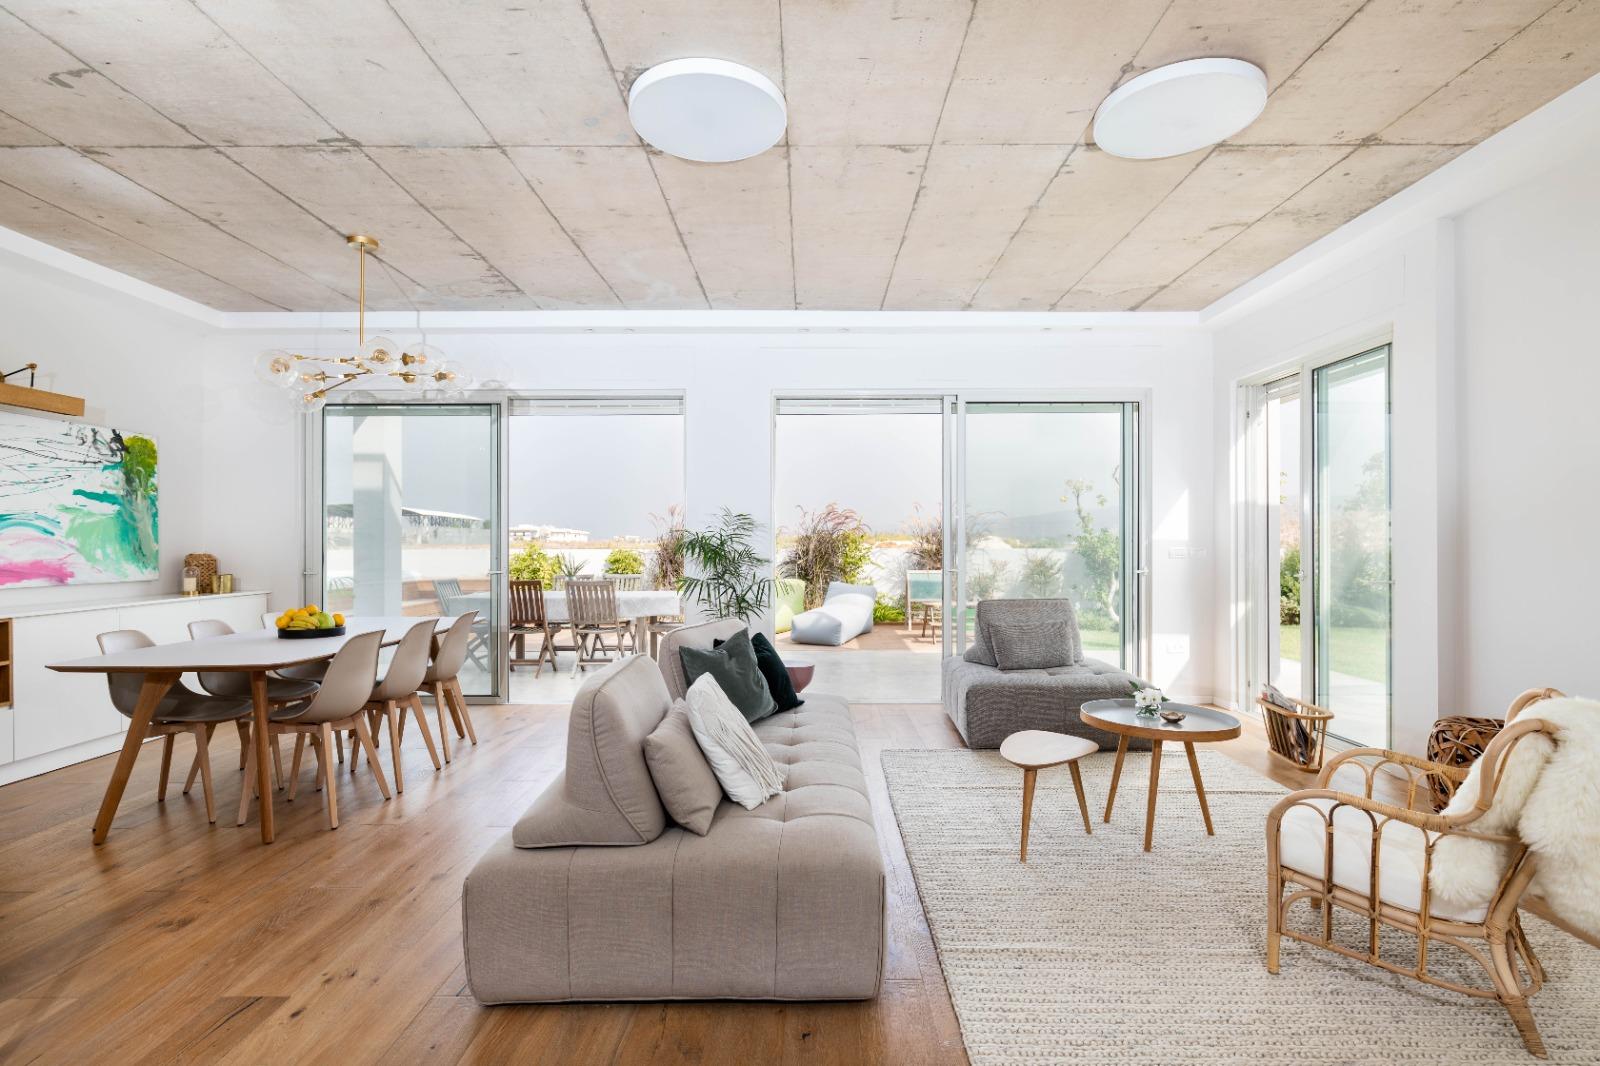 Acessibilidade: Projeto de design de interiores com foco funcional